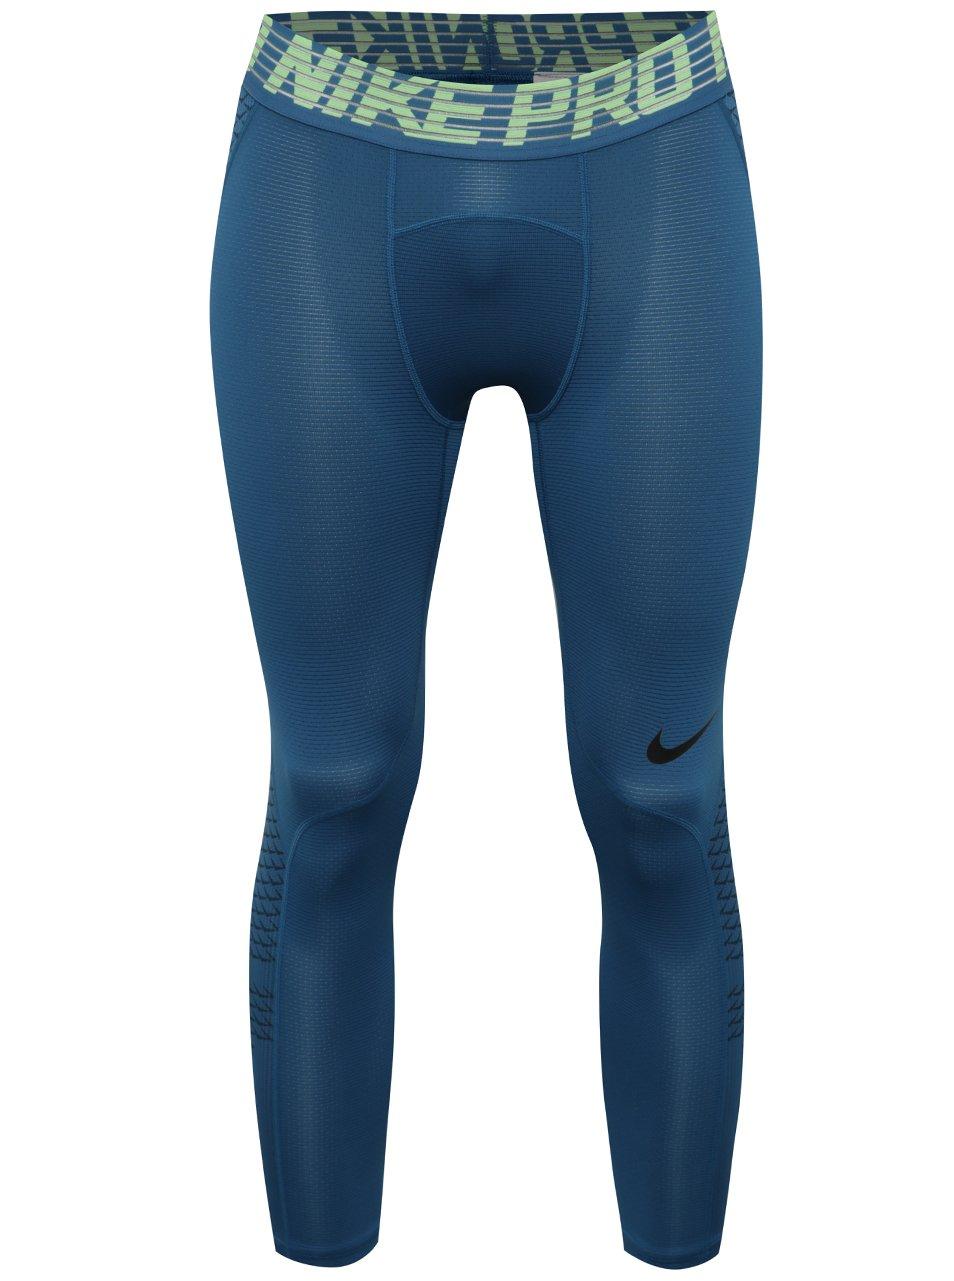 Modré pánské funkční 3/4 legíny Nike Pro HyberCool